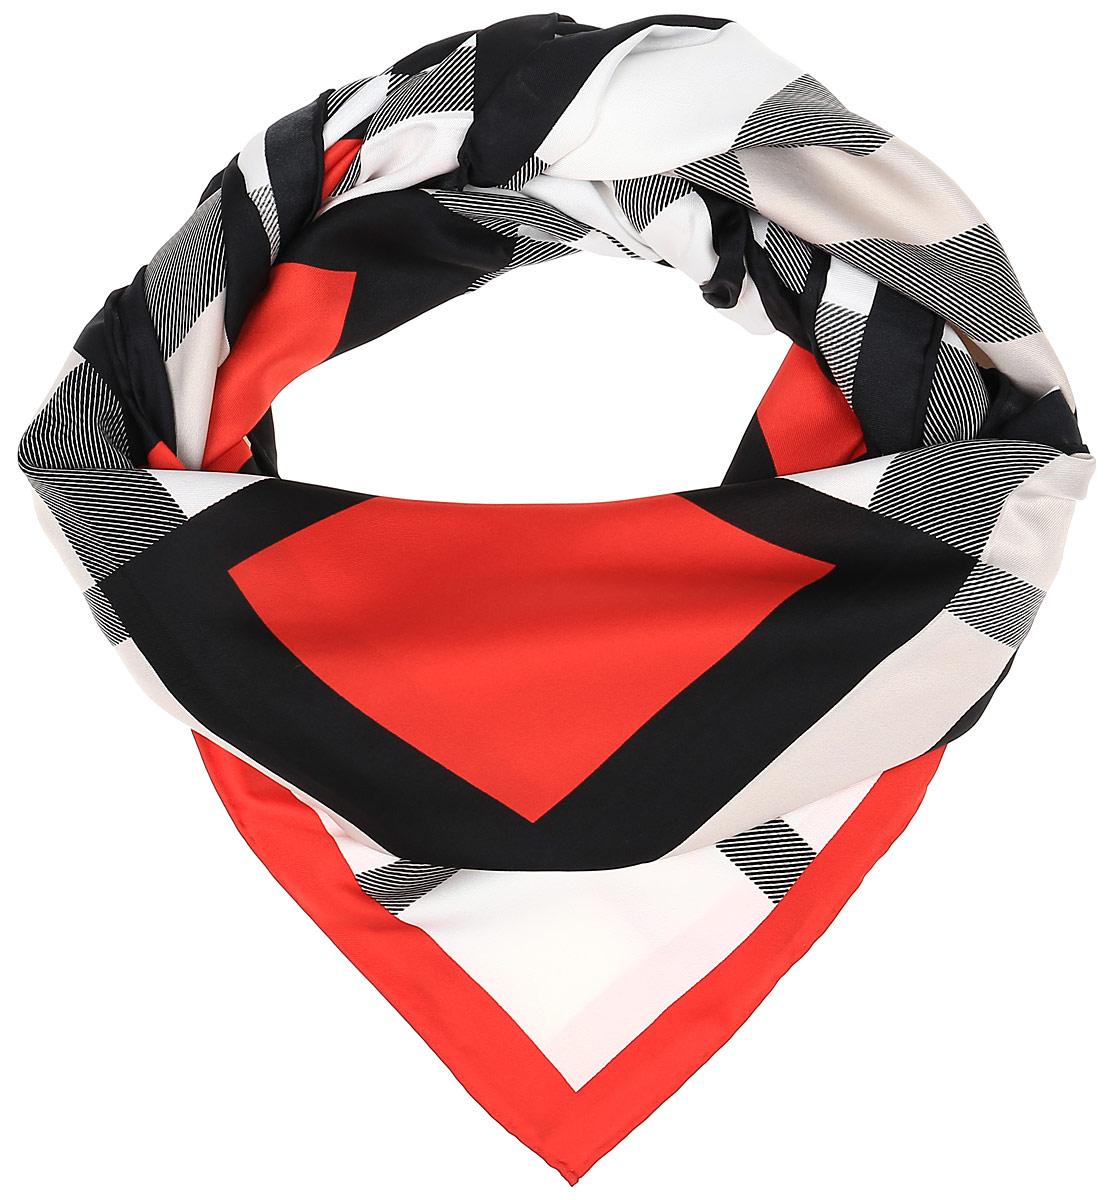 72ПЛ_120х120_442Очаровательный женский платок Sabellino станет великолепным завершением любого наряда. Платок изготовлен из высококачественного полиэстера с добавлением шелка и оформлен оригинальным принтом в клетку. Классическая квадратная форма позволяет носить платок на шее, украшать им прическу или декорировать сумочку.